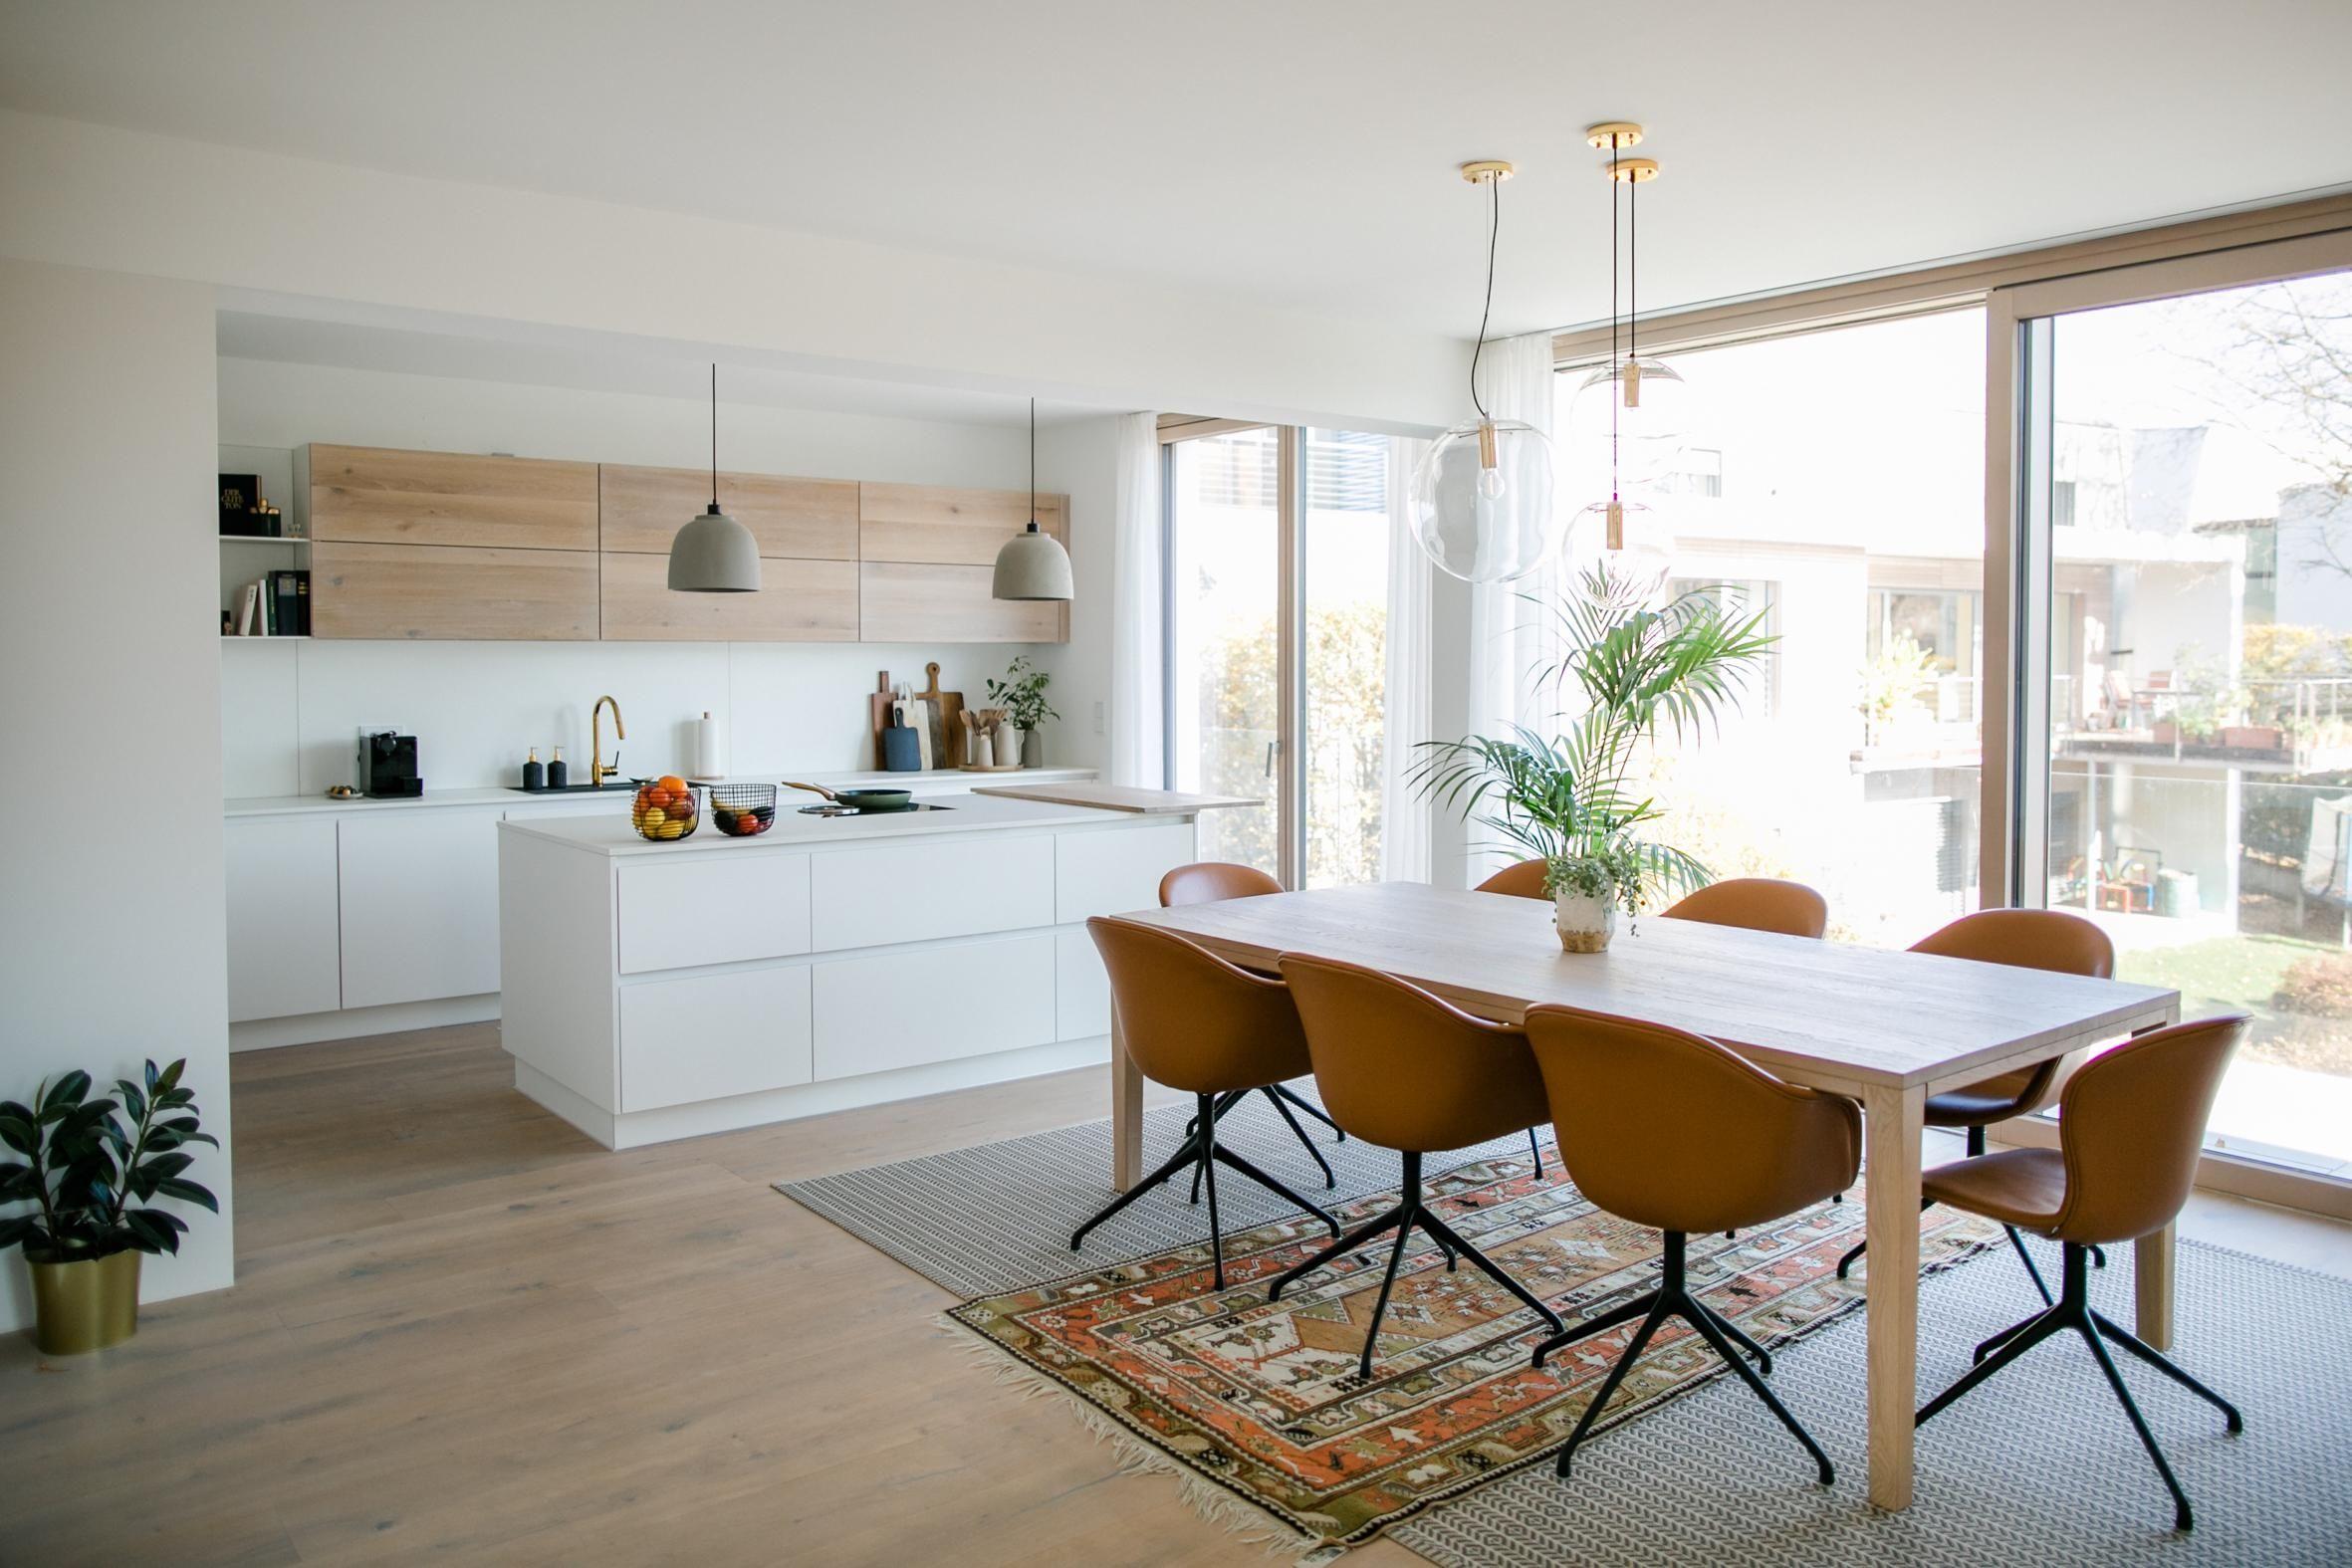 Wohn-Essbereich in 2020 | Haus küchen, Moderne weiße ...